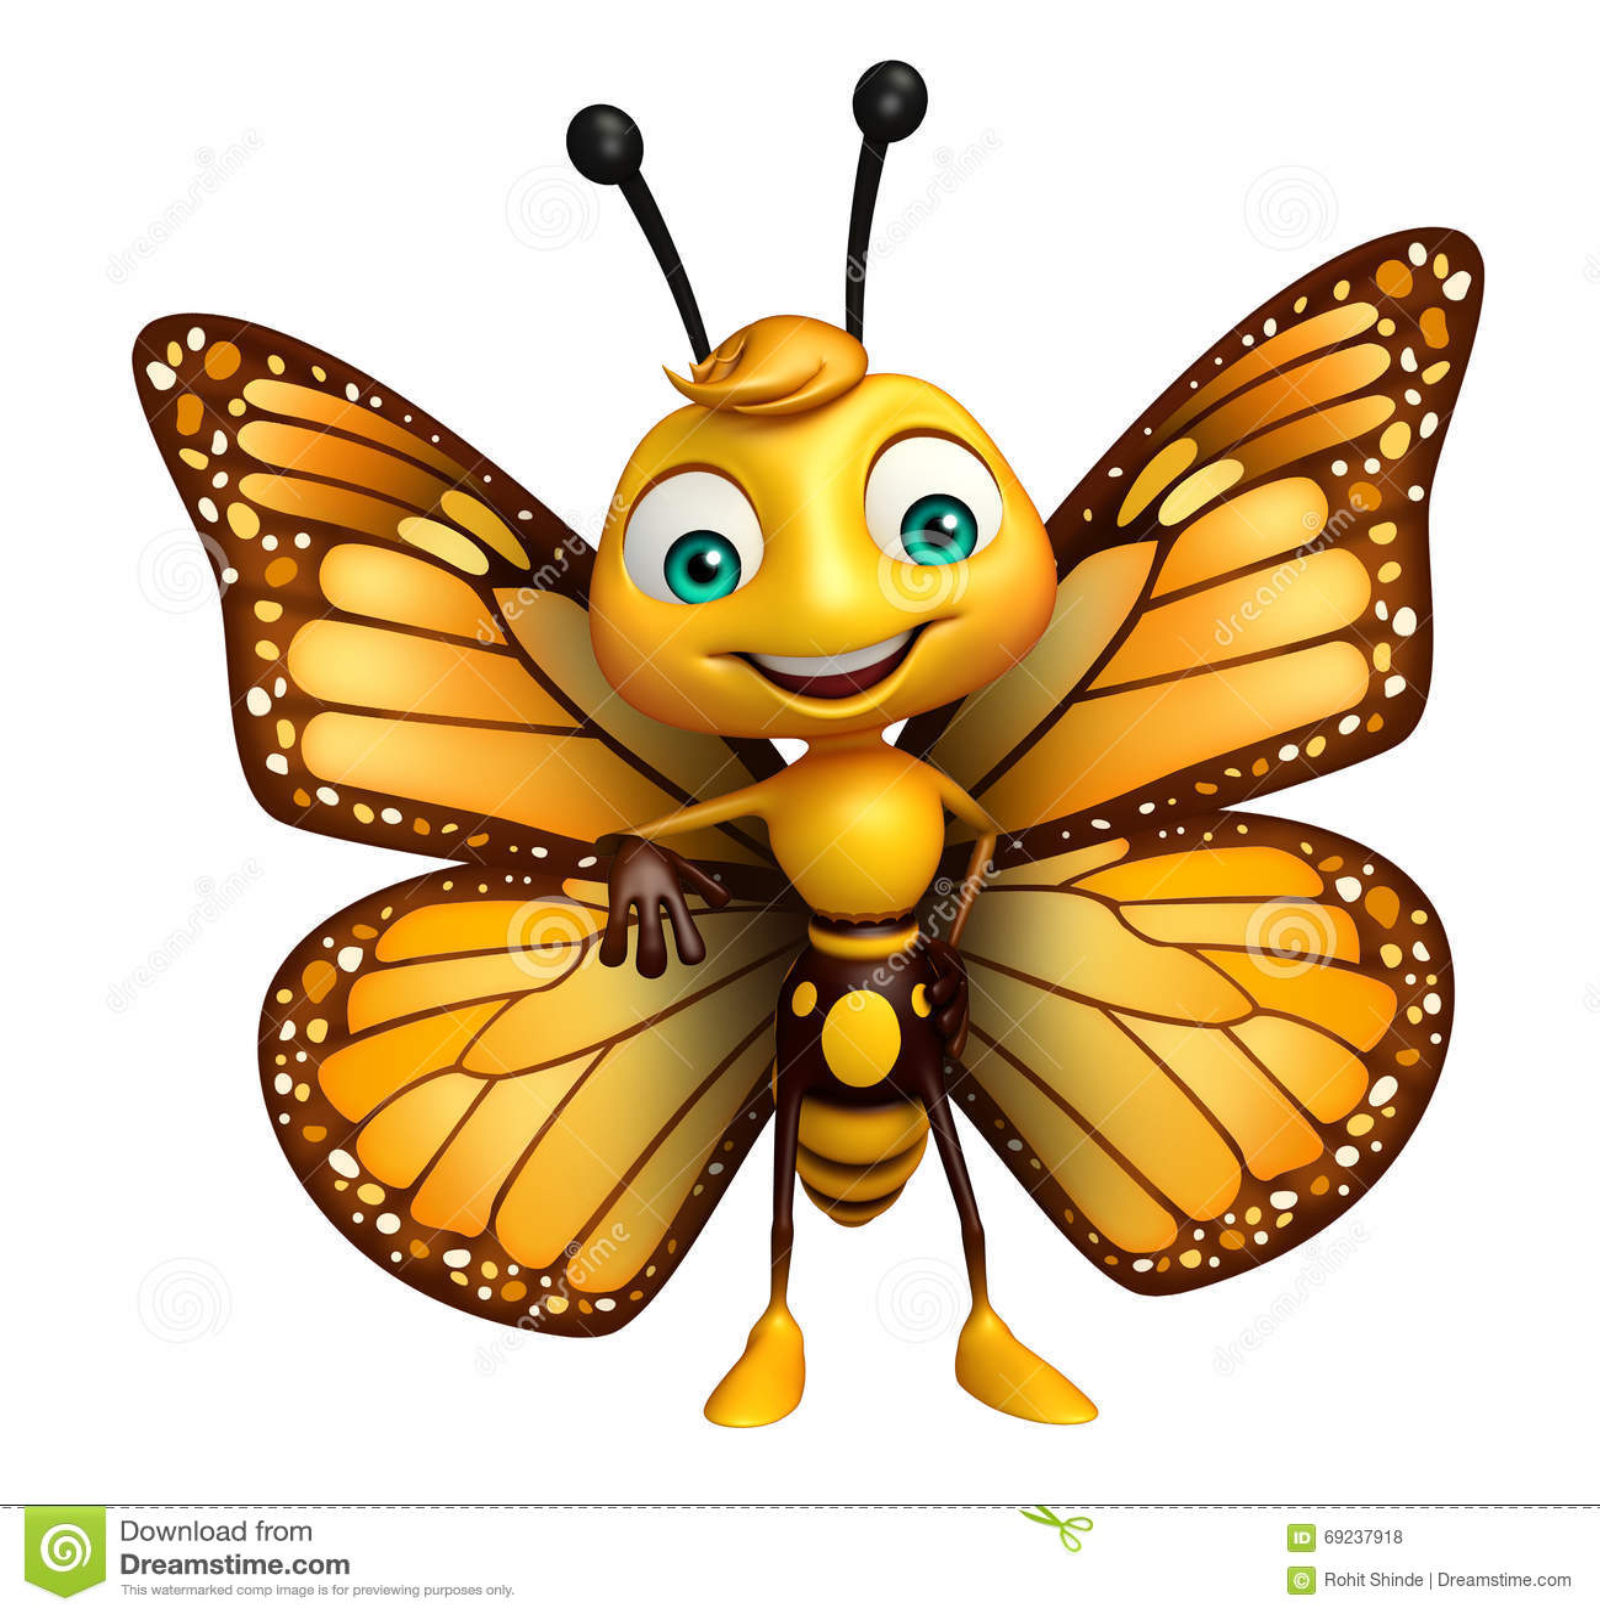 Personnage de dessin anim dr le de papillon illustration - Image papillon dessin ...